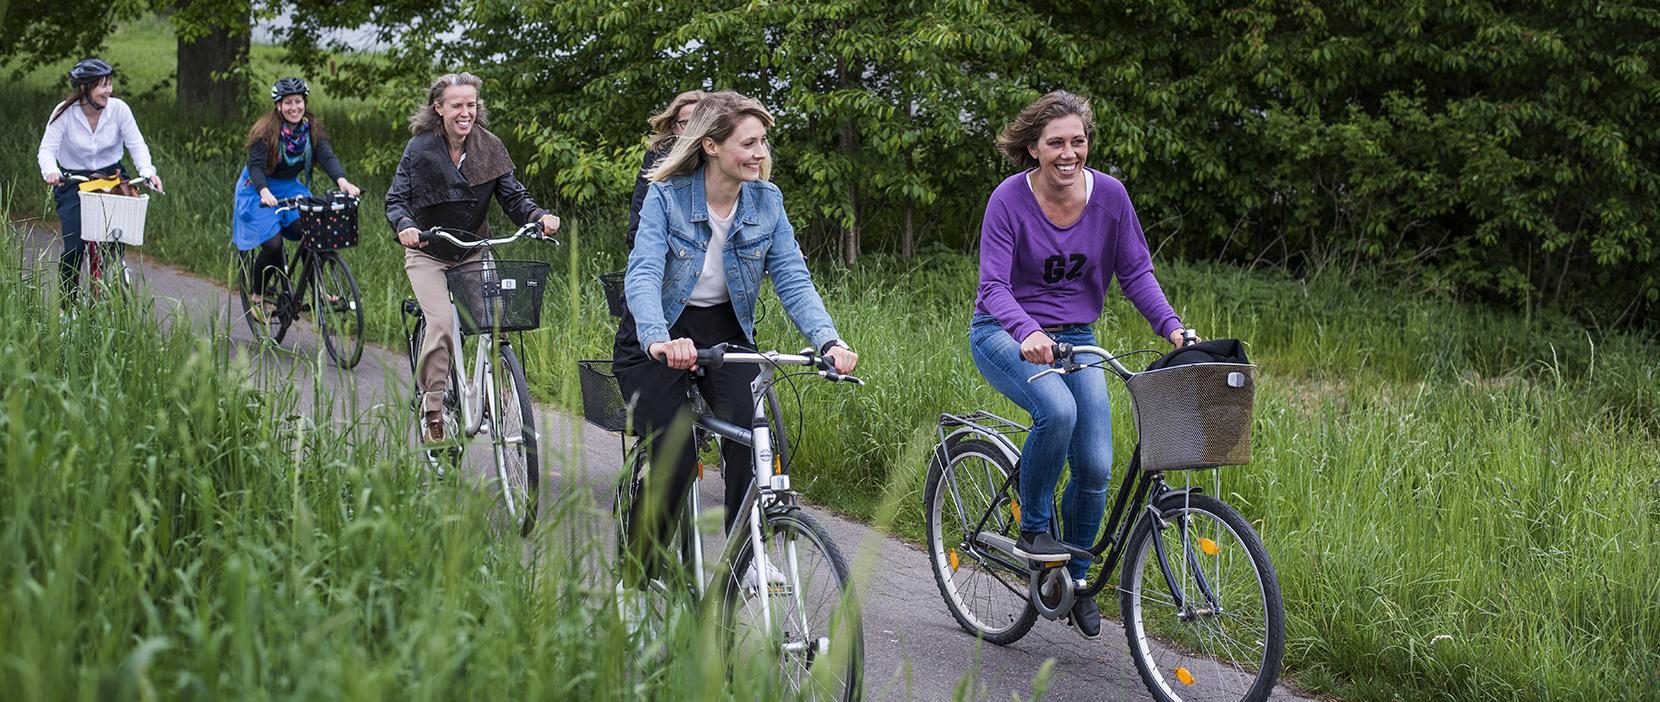 Kvinder på cykeltur i grønne omgivelser